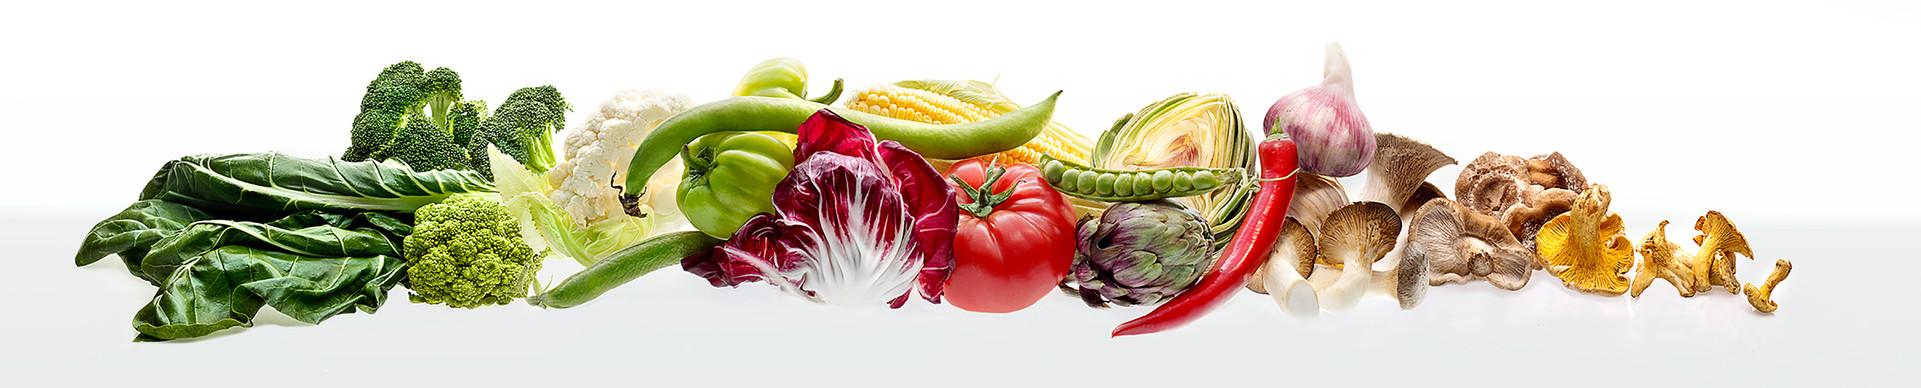 JF Vegetables 02